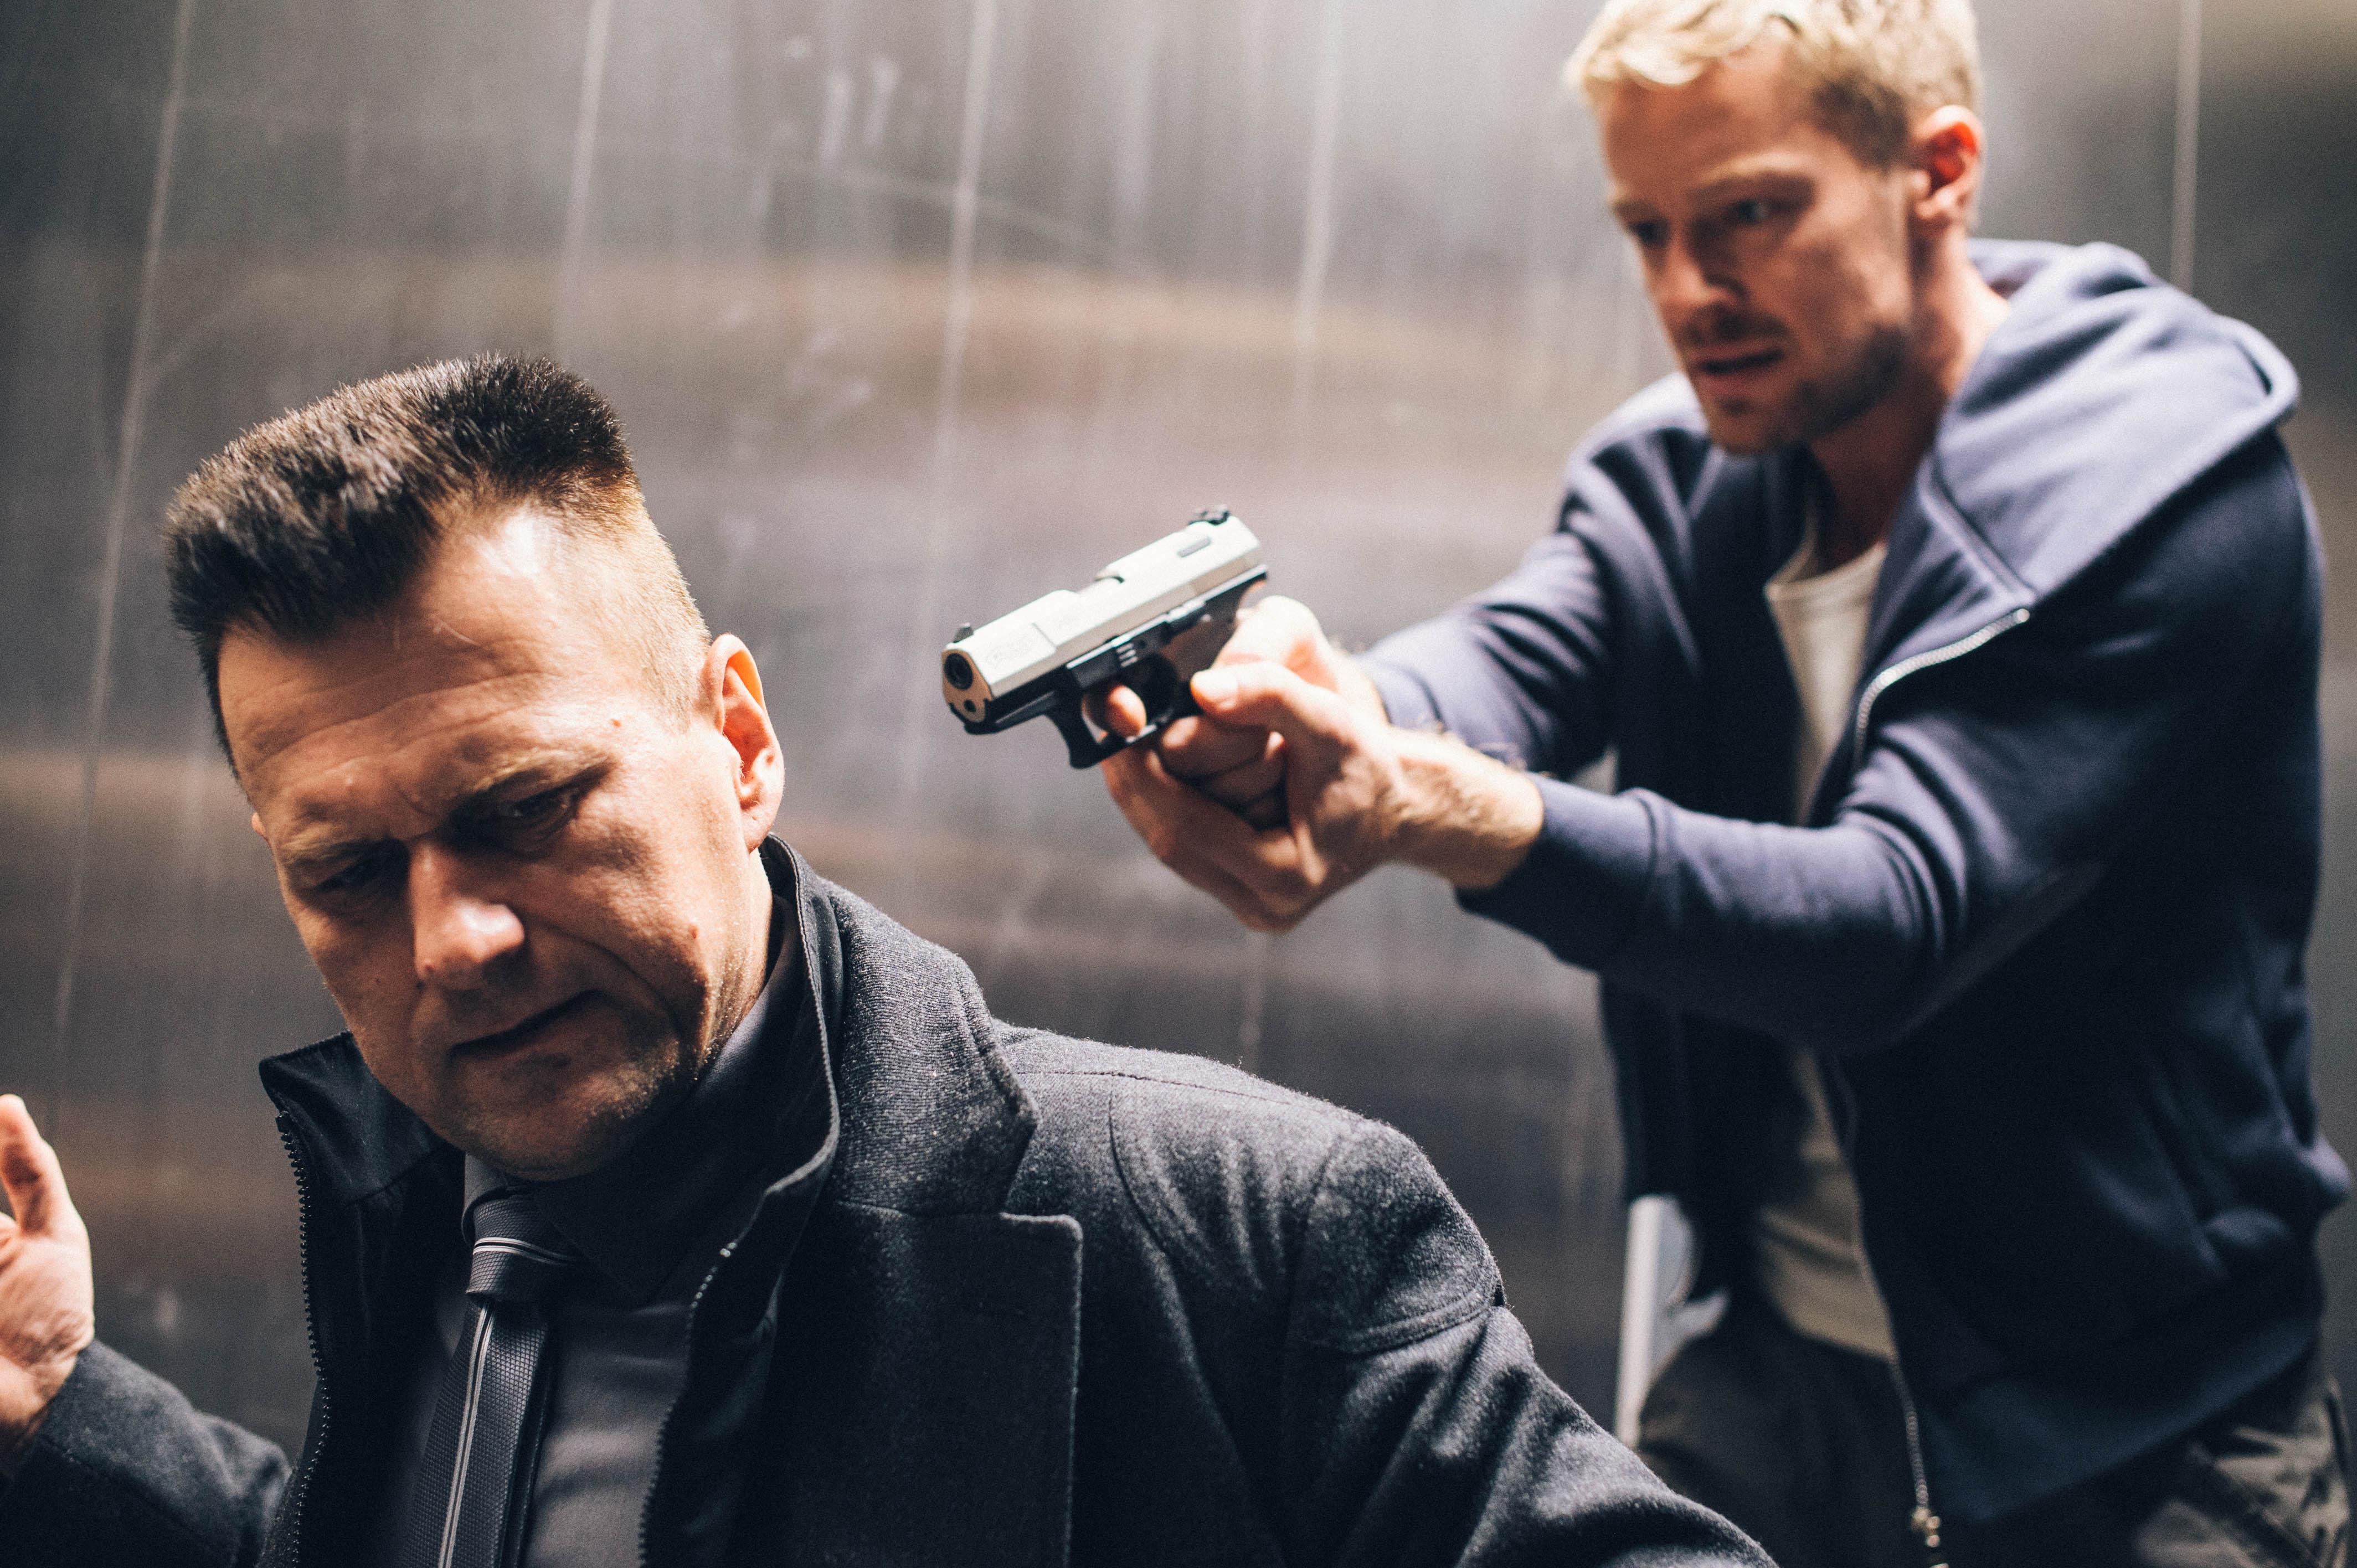 A gyilkosság az egyetlen kiút? – Madarász Isti: <em>Hurok</em> (2016), Anger Zsolt, Száraz Dénes